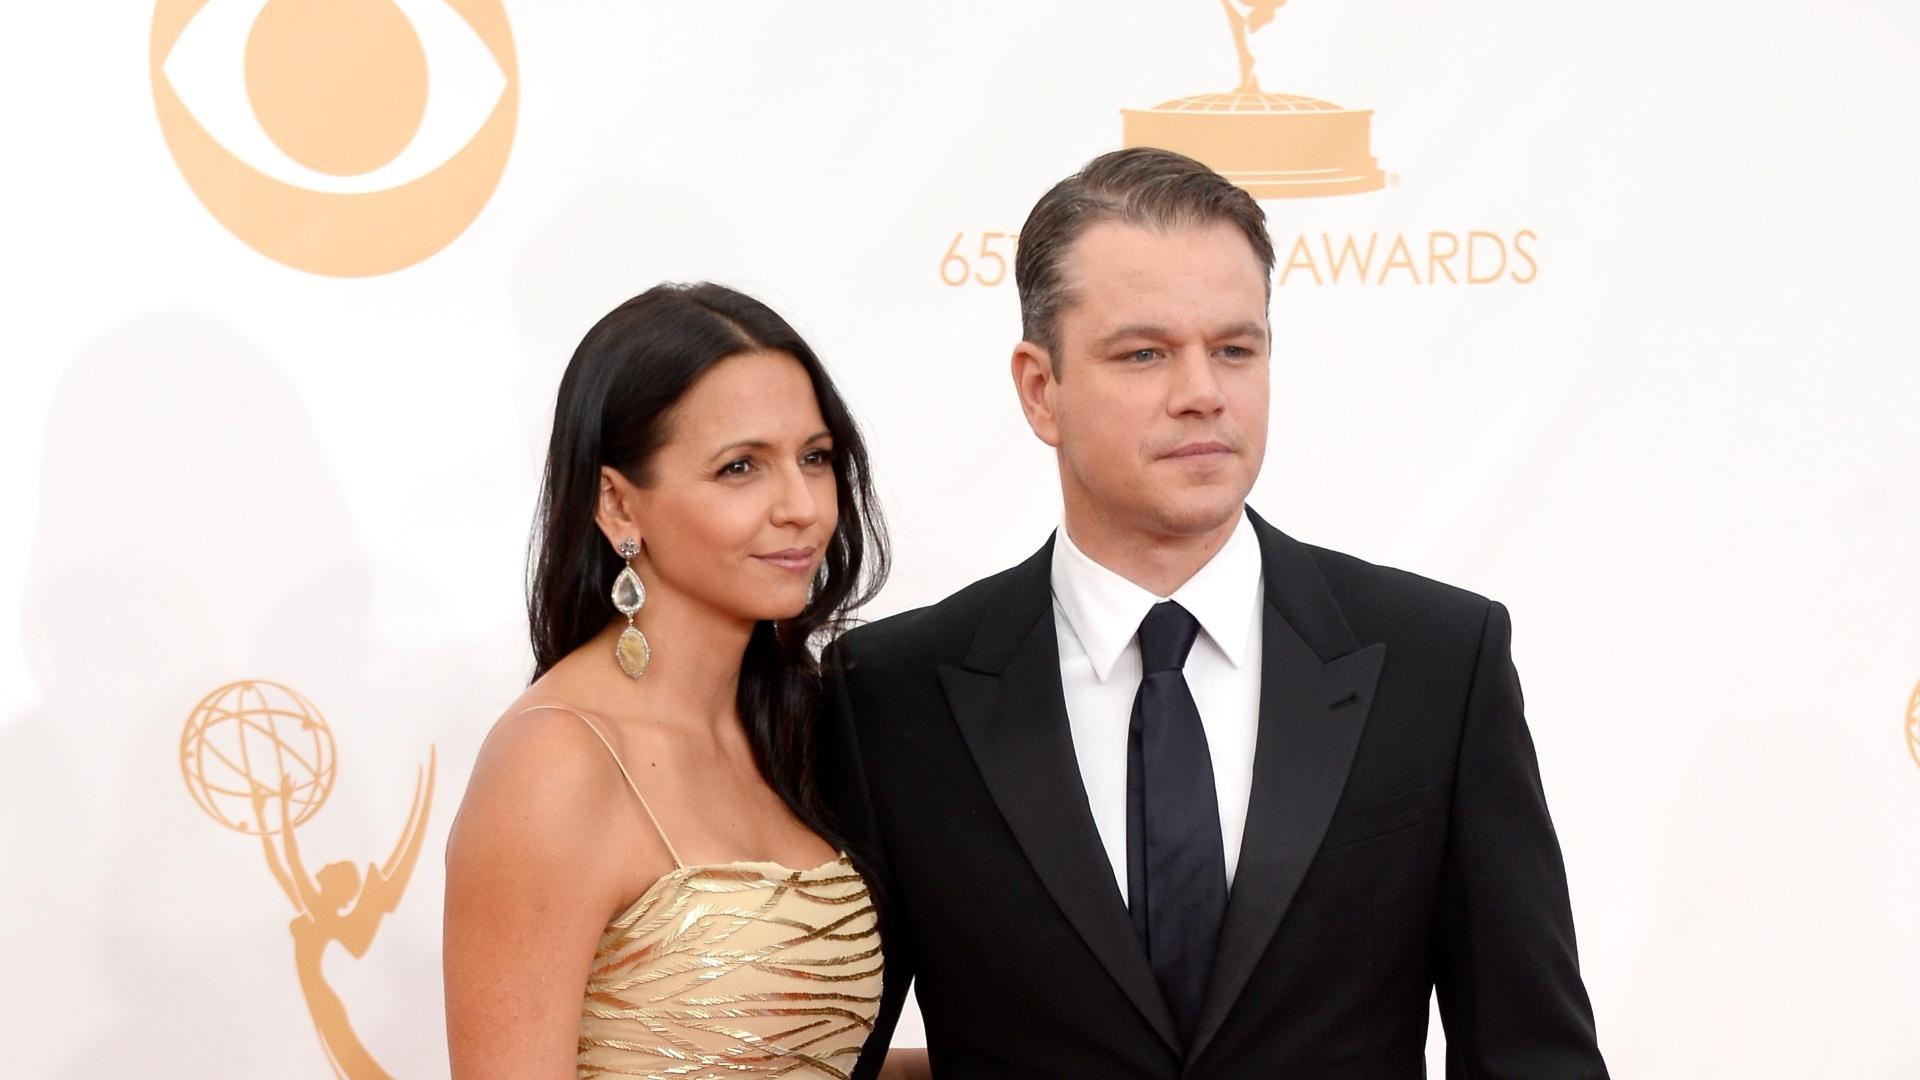 22.set.2013 - Matt Damon posa com a mulher Luciana Barroso ao chegar para o Emmy 2013. Ele concorre na categoria de melhor ator de minissérie ou telefilme por